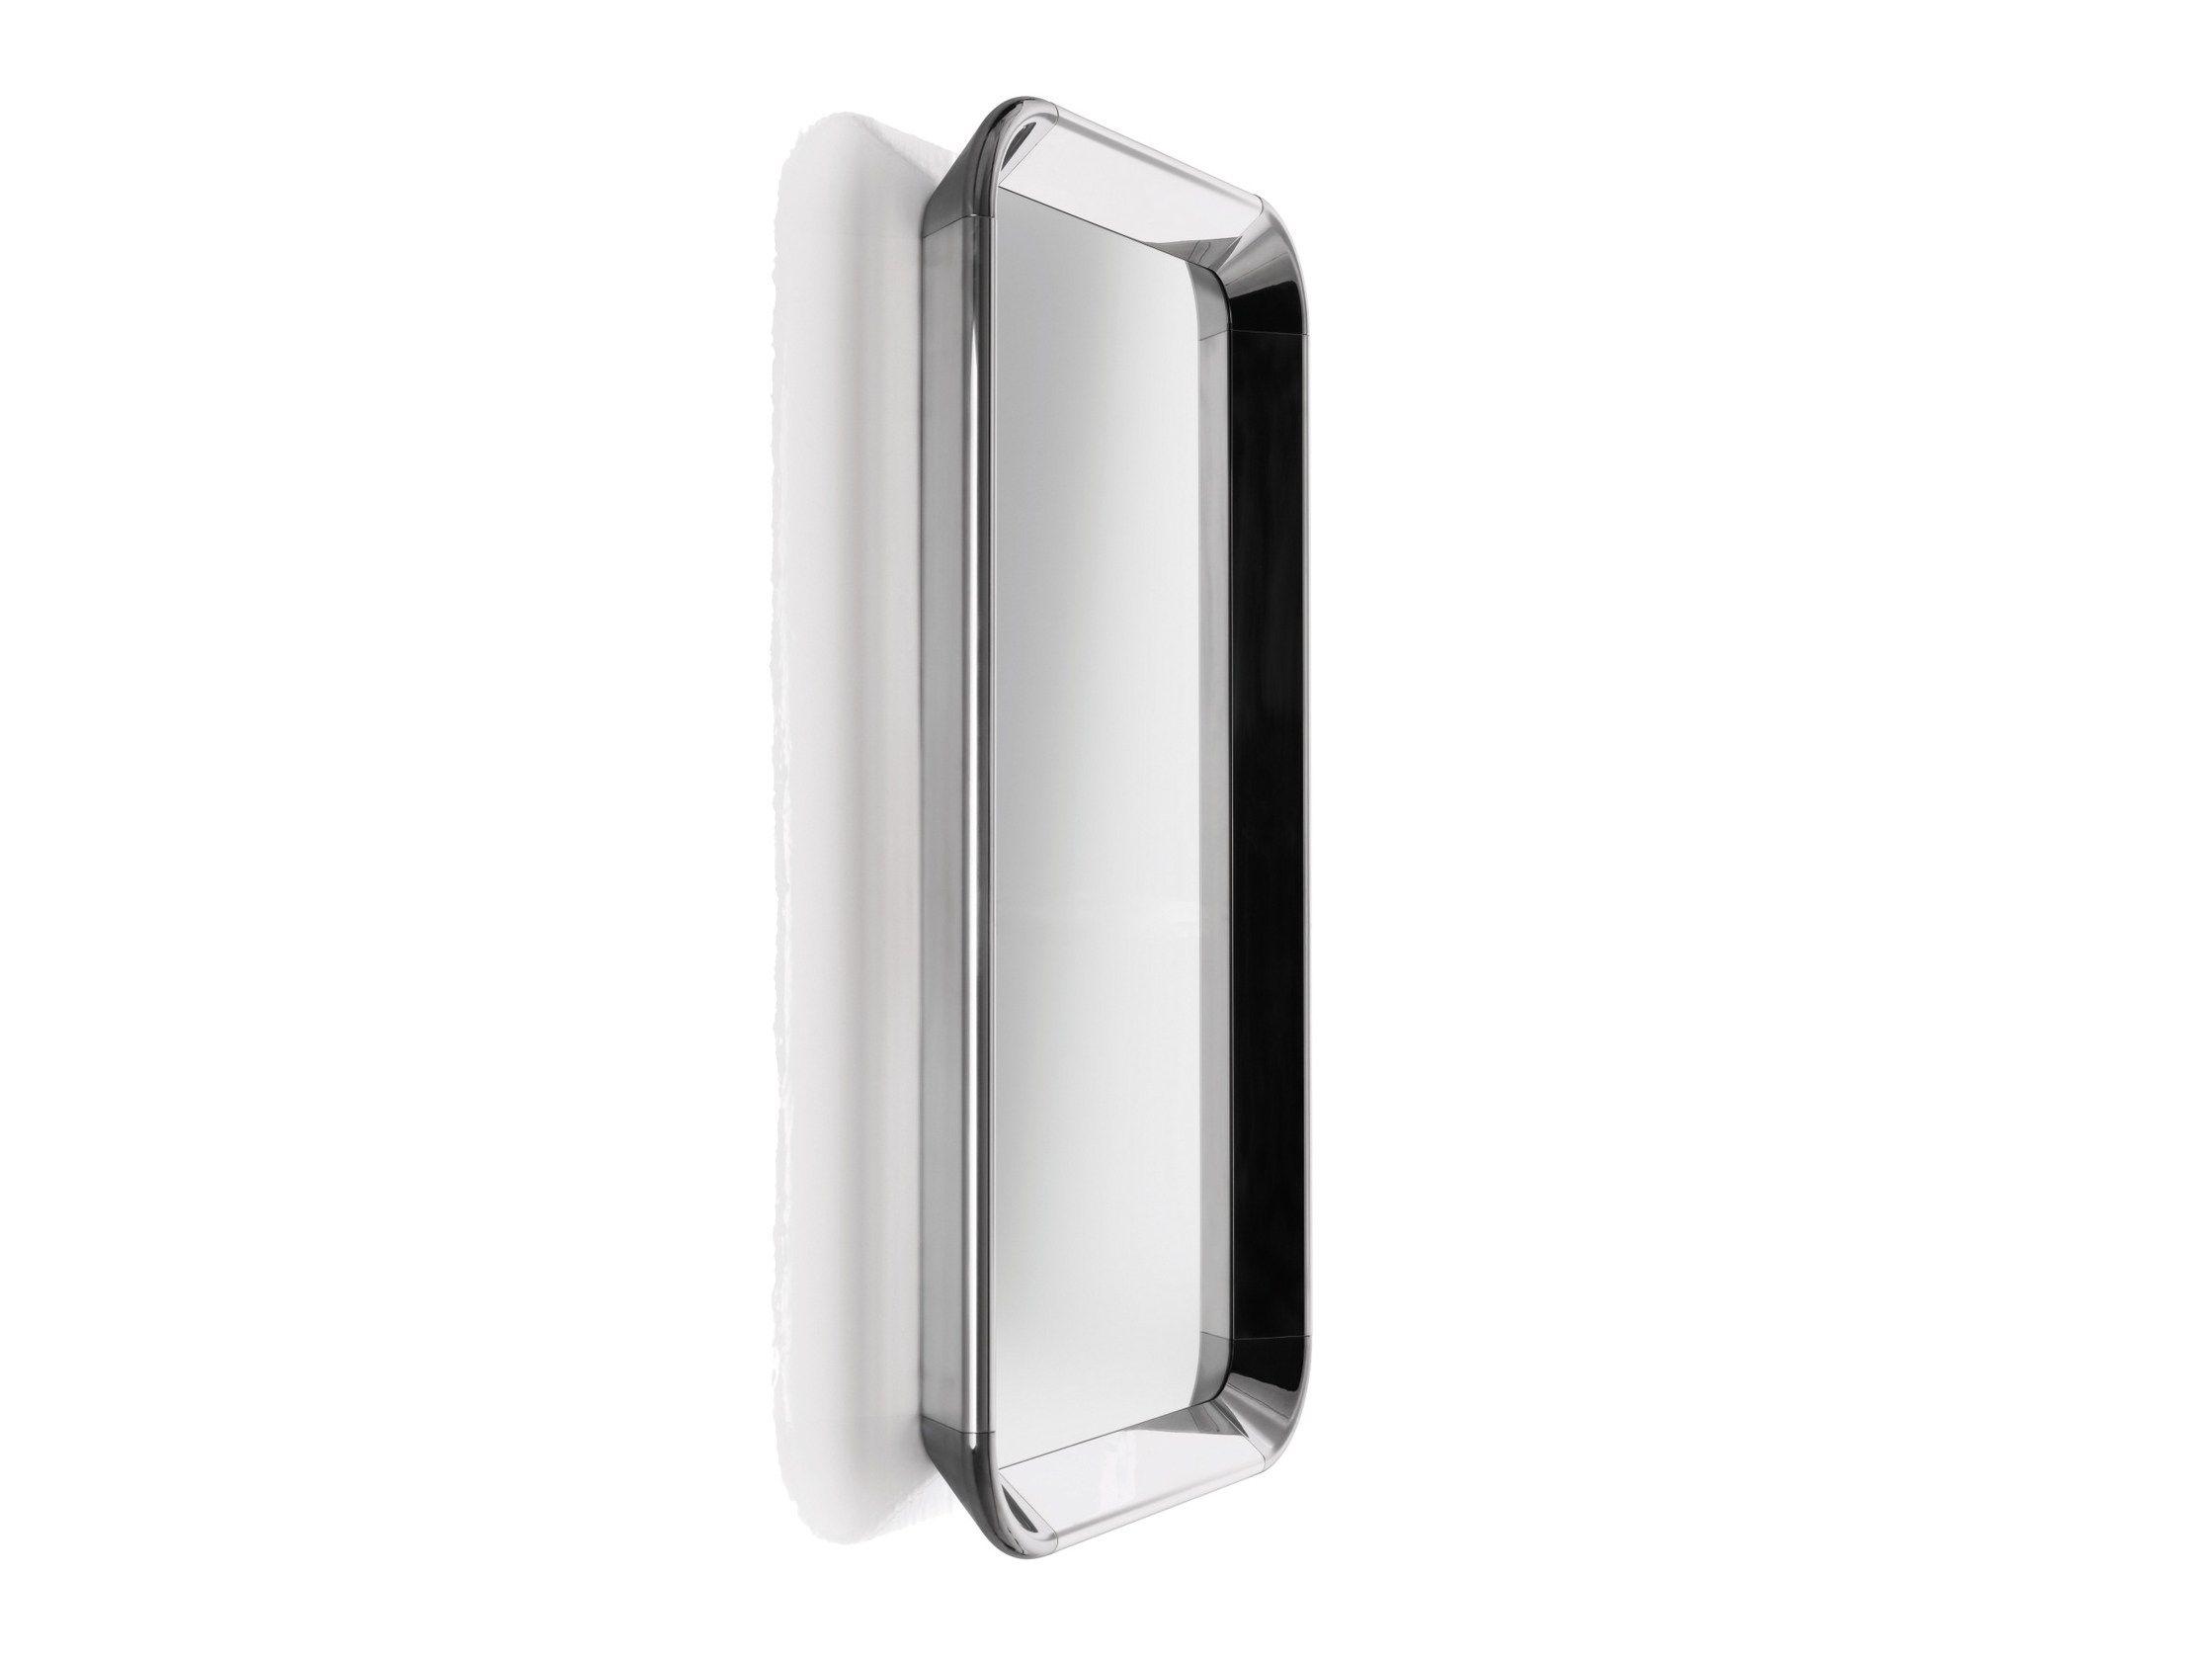 Miroir mural rectangulaire avec cadre collection dej vu for Miroir mural rectangulaire sans cadre